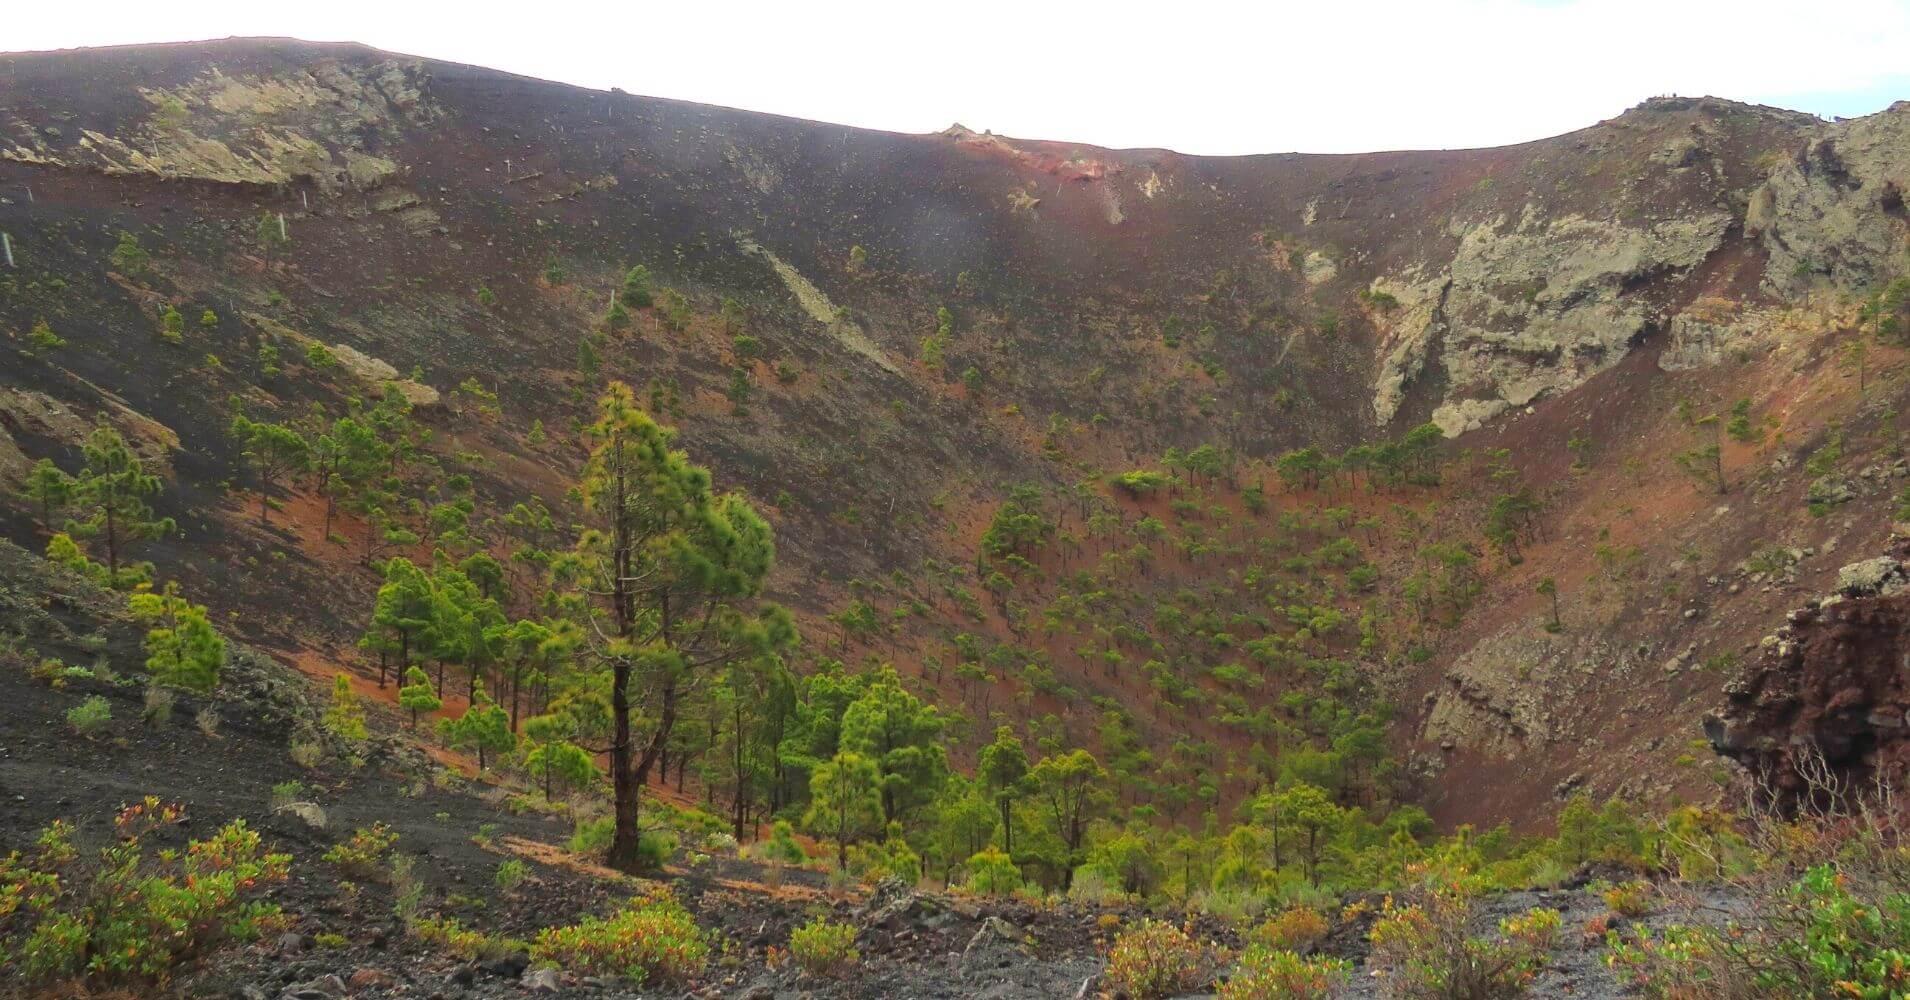 Cráter del Volcán de San Antonio. La Palma. Islas Canarias.